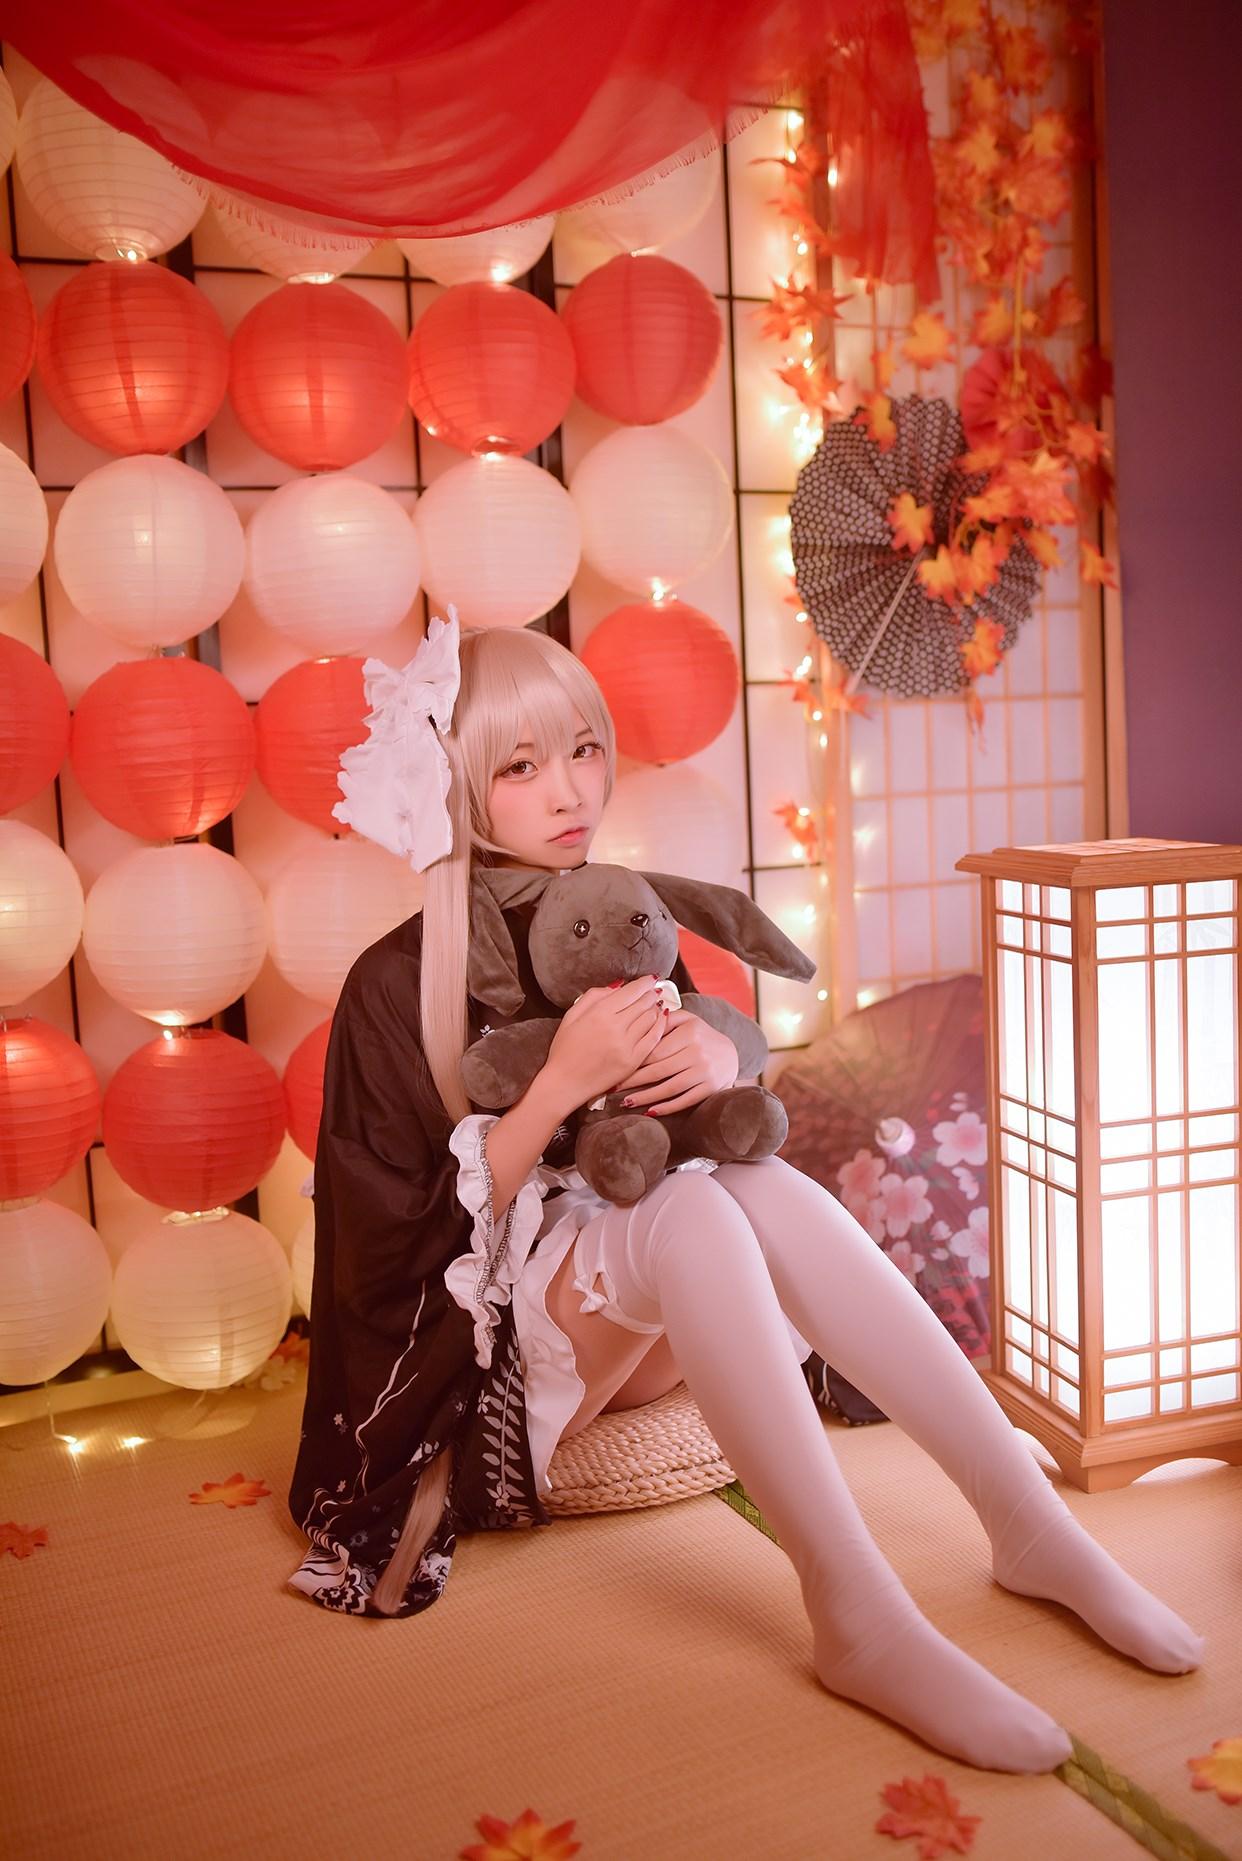 【兔玩映画】和服穹妹 兔玩映画 第1张